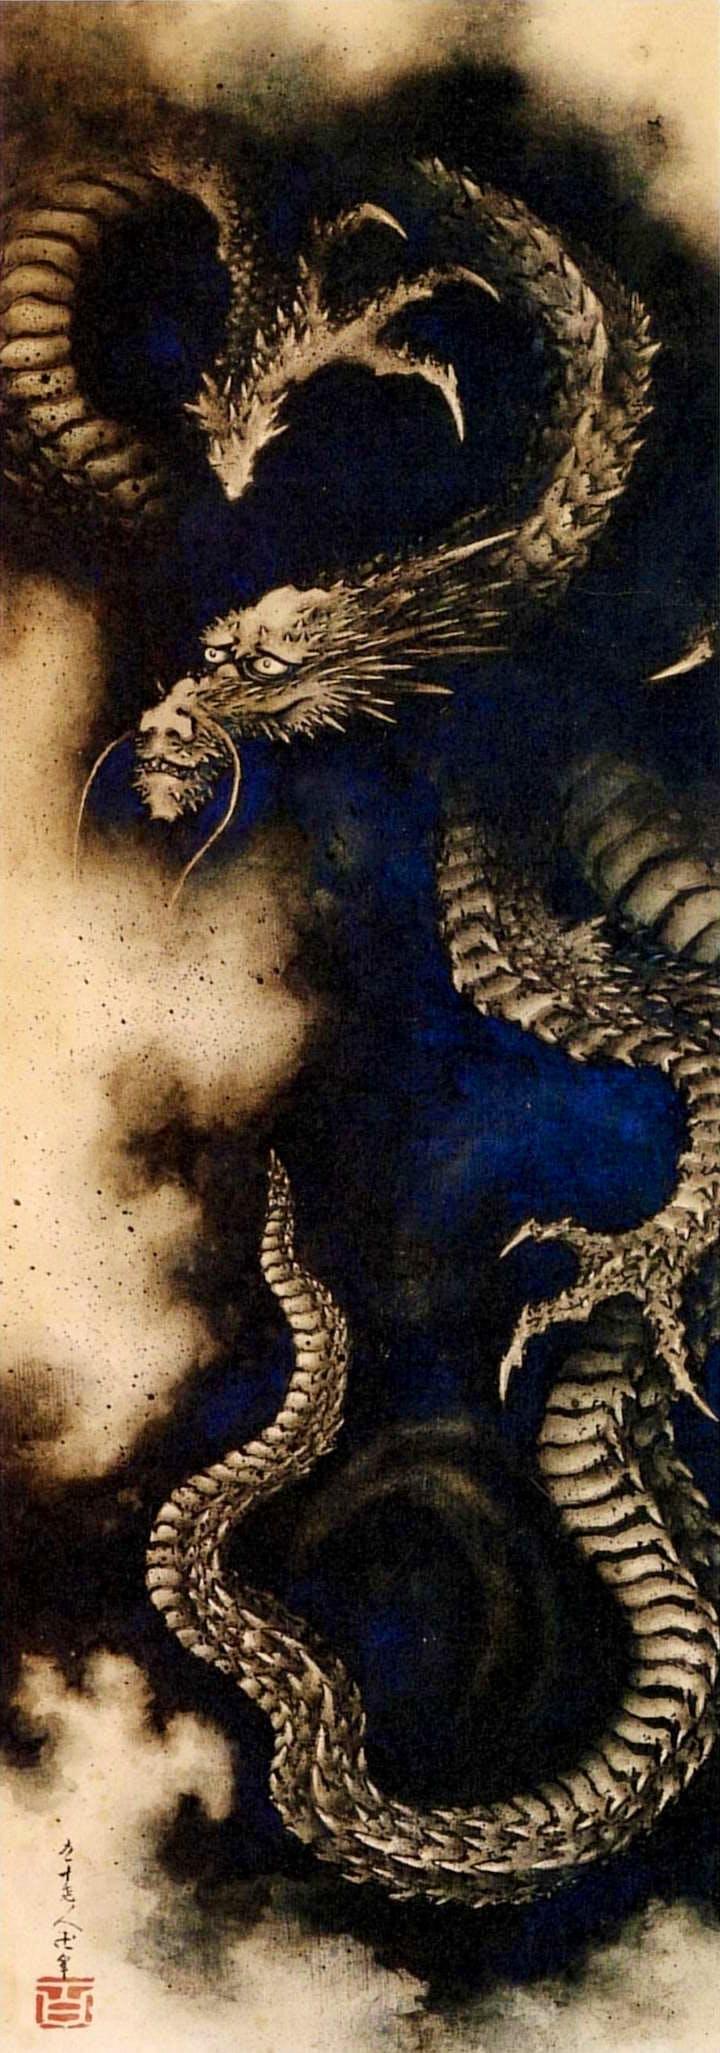 Dragon in rain clouds (1849), Hokusai. Musée national des arts asiatiques Guimet, Paris